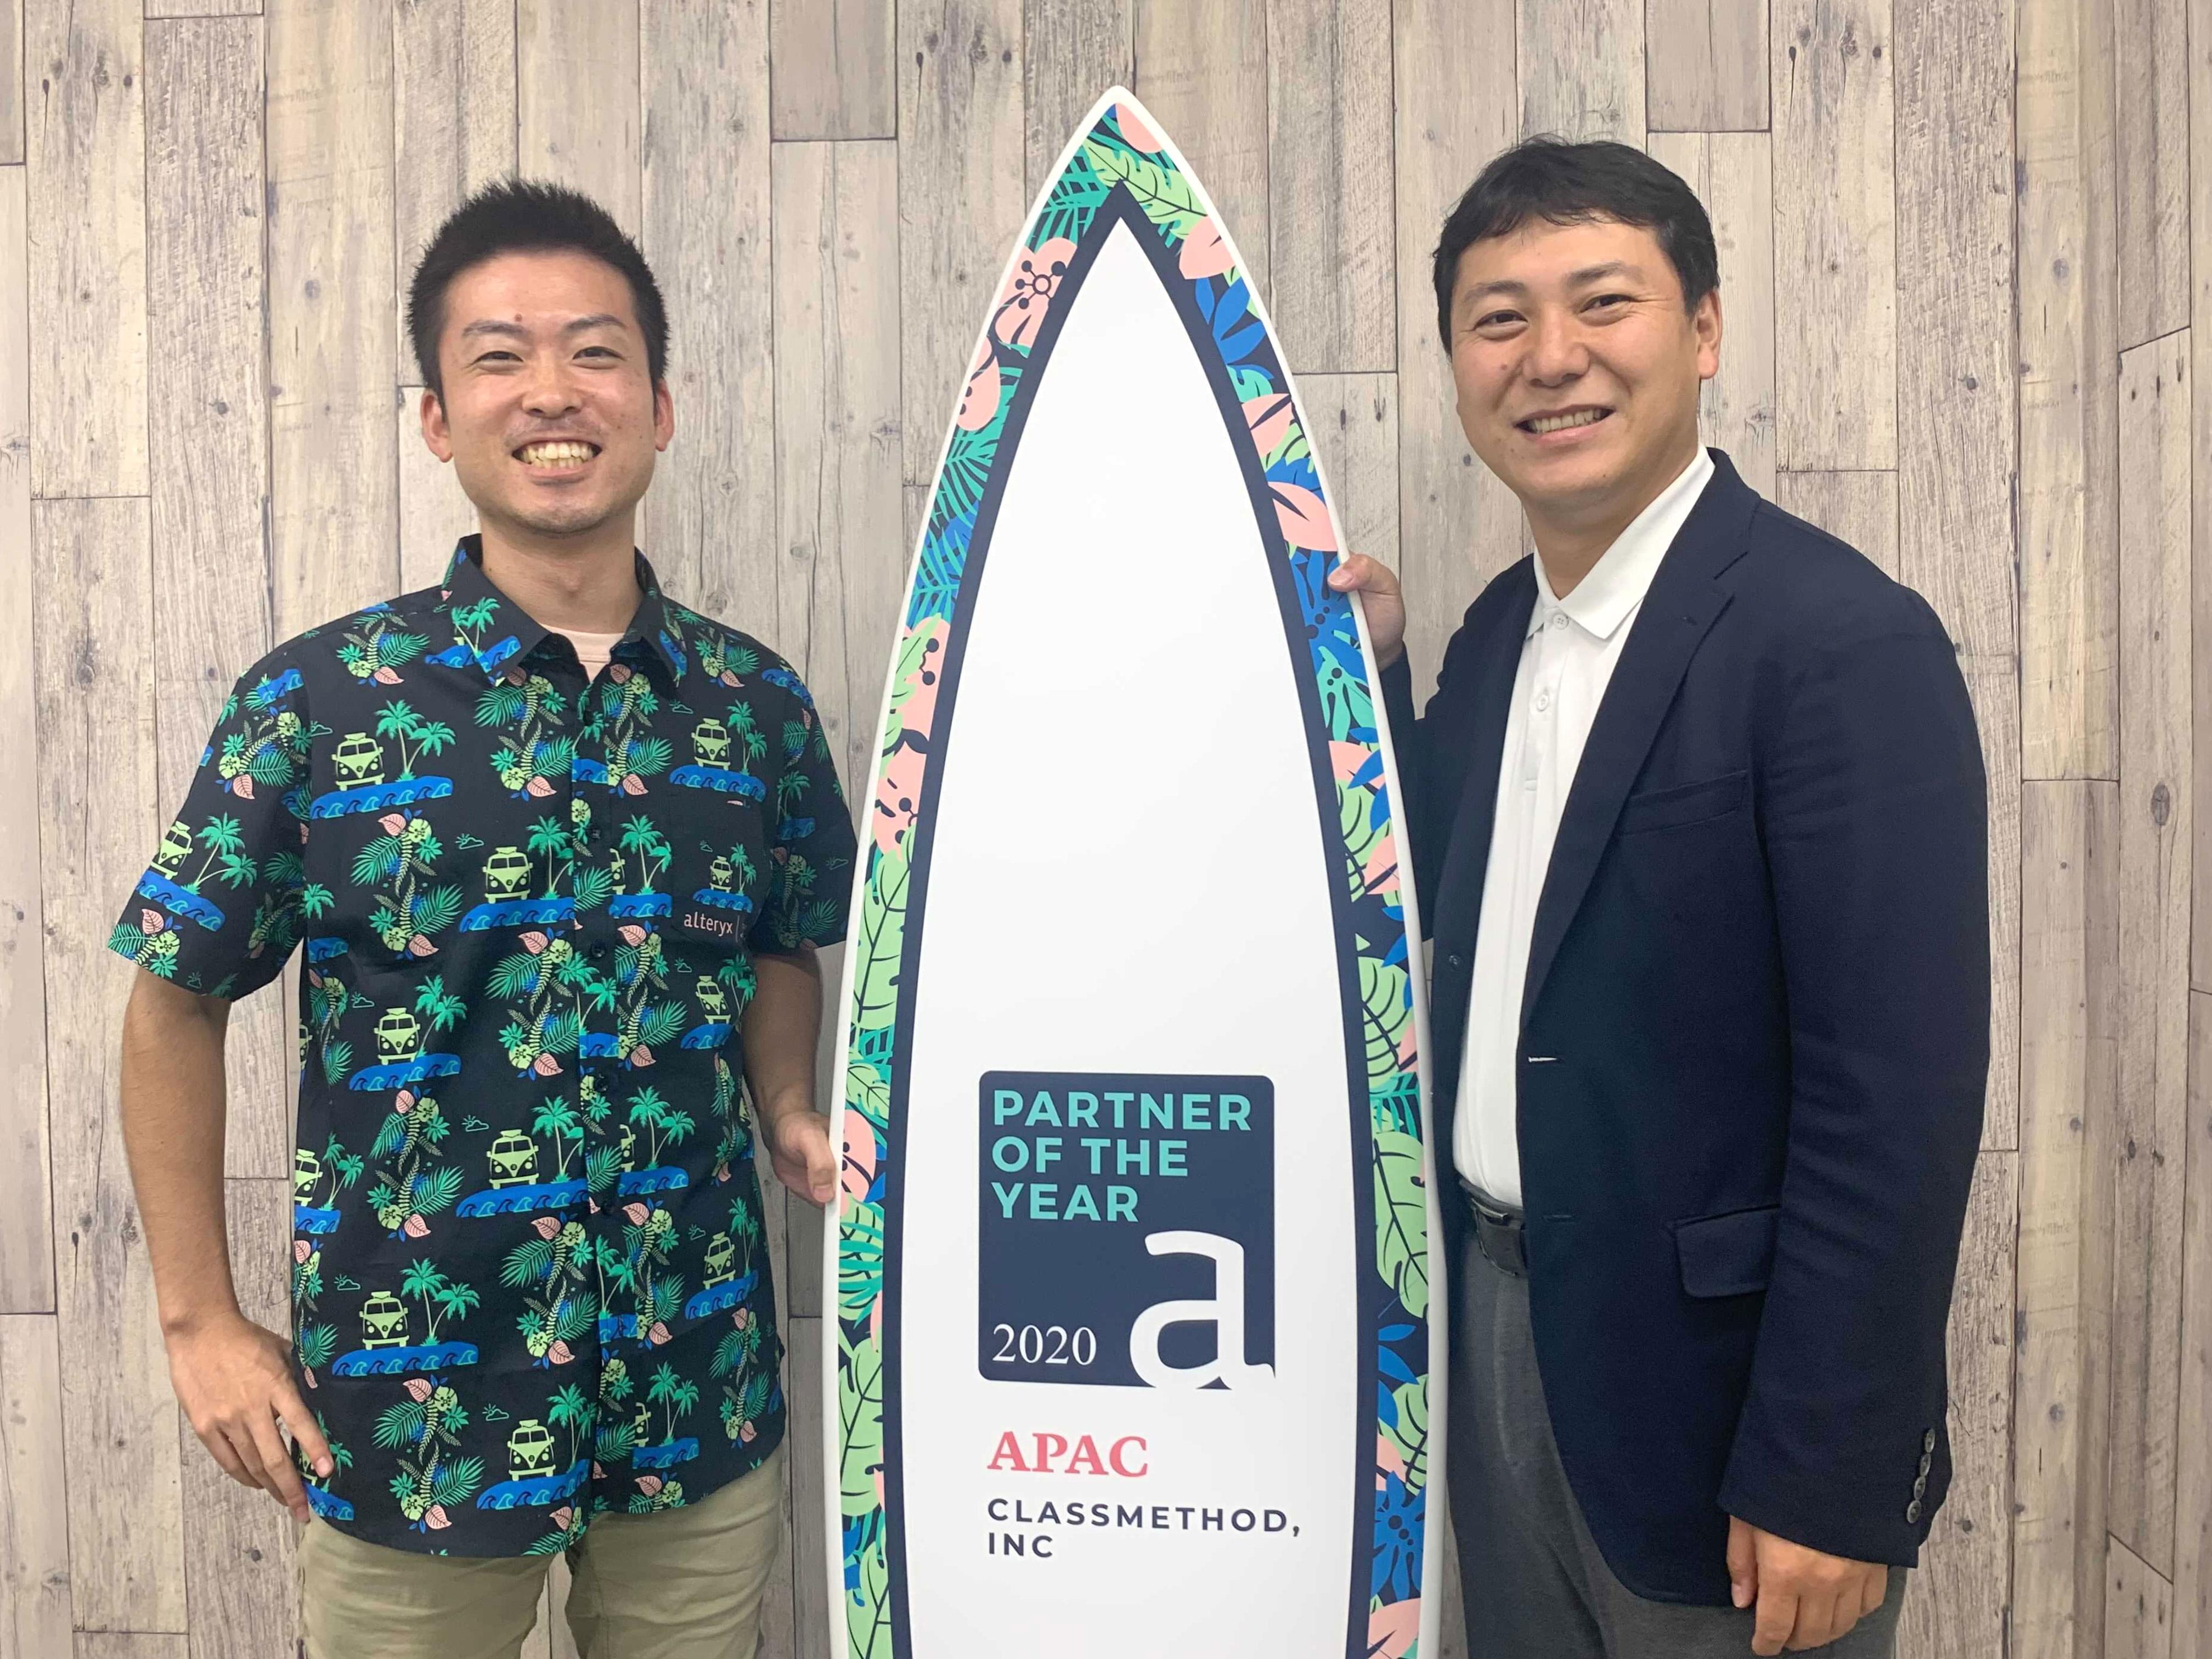 受賞記念サーフボードと、当社代表の横田聡(写真右)、データアナリティクス事業本部マネージャーの大場裕喜(写真左)